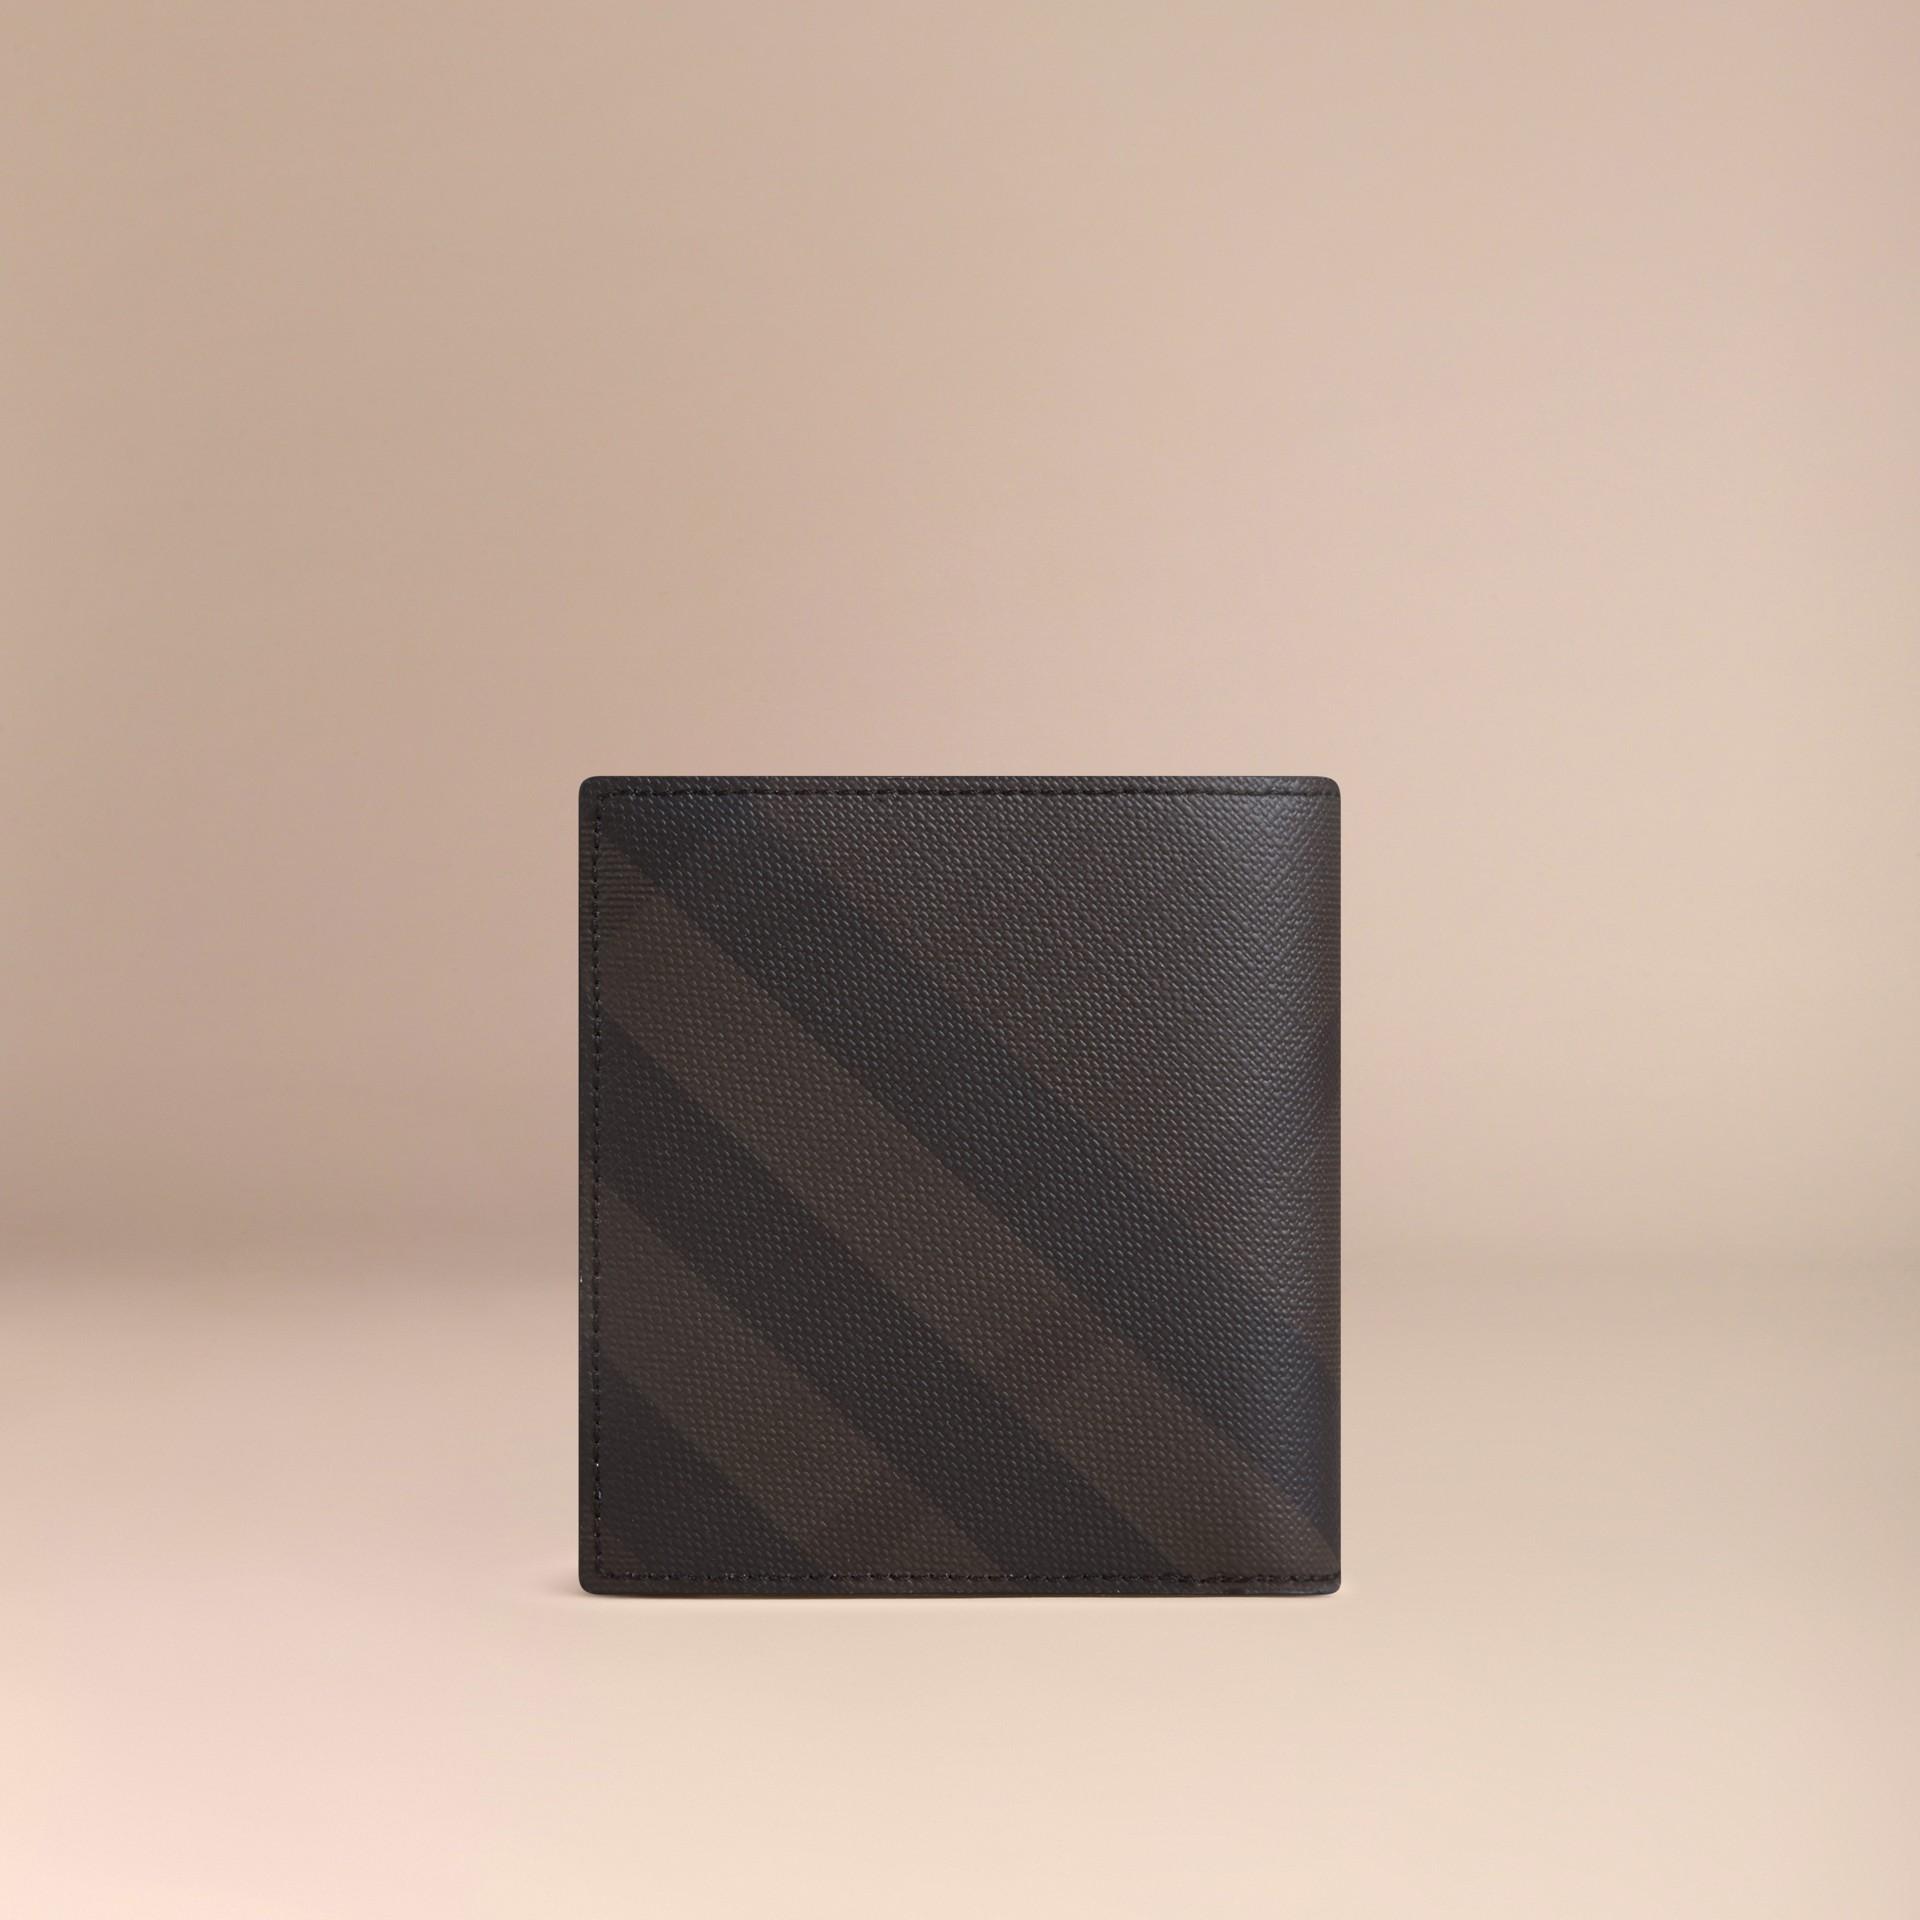 초콜릿/블랙 스모크 체크 아이디 지갑 초콜릿/블랙 - 갤러리 이미지 3